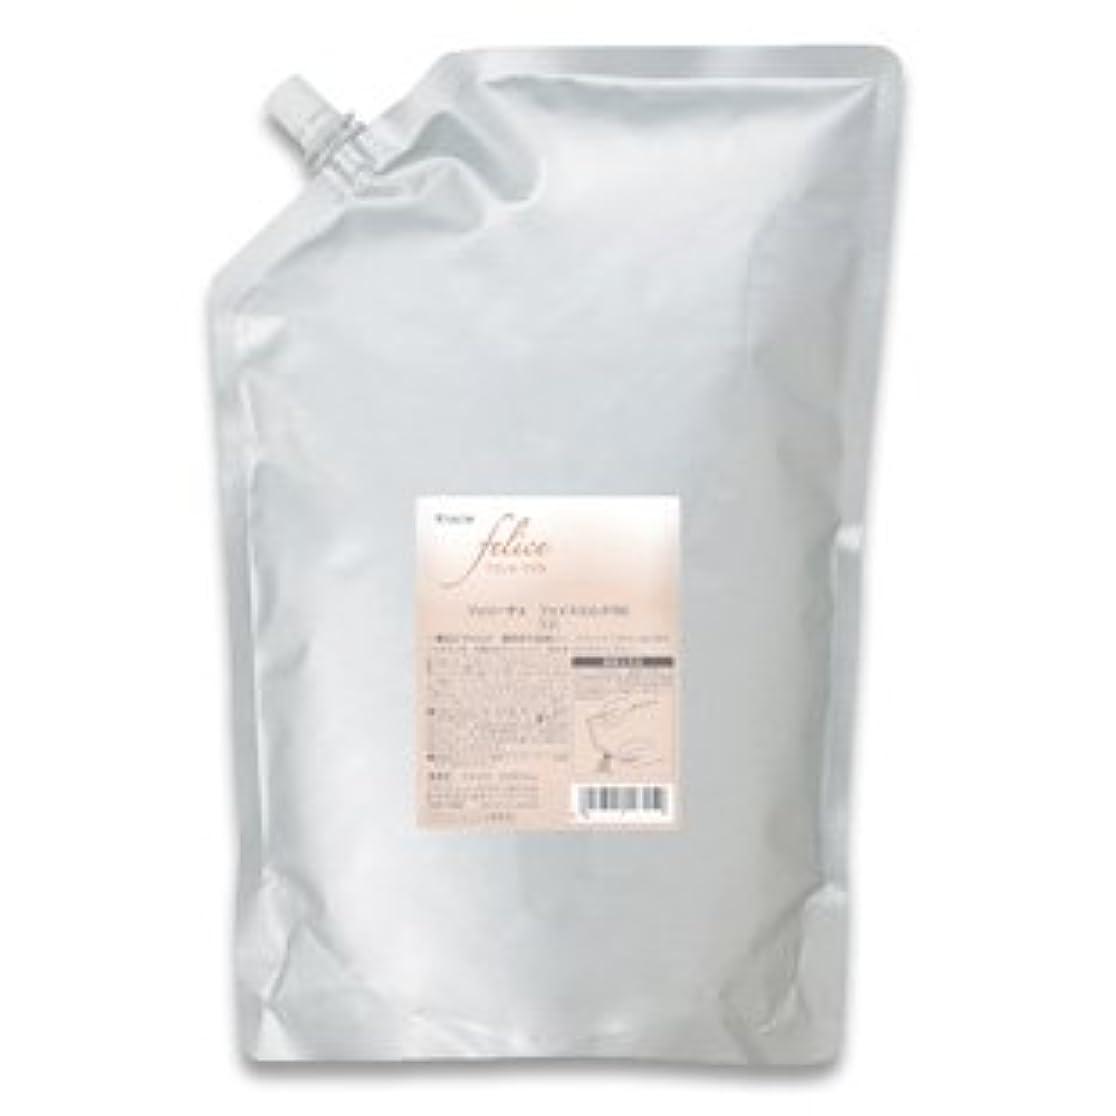 サークル酸っぱいアセンブリクラシエ フェリーチェ フェイスミルク 2000ml 業務用 詰め替え 乳液